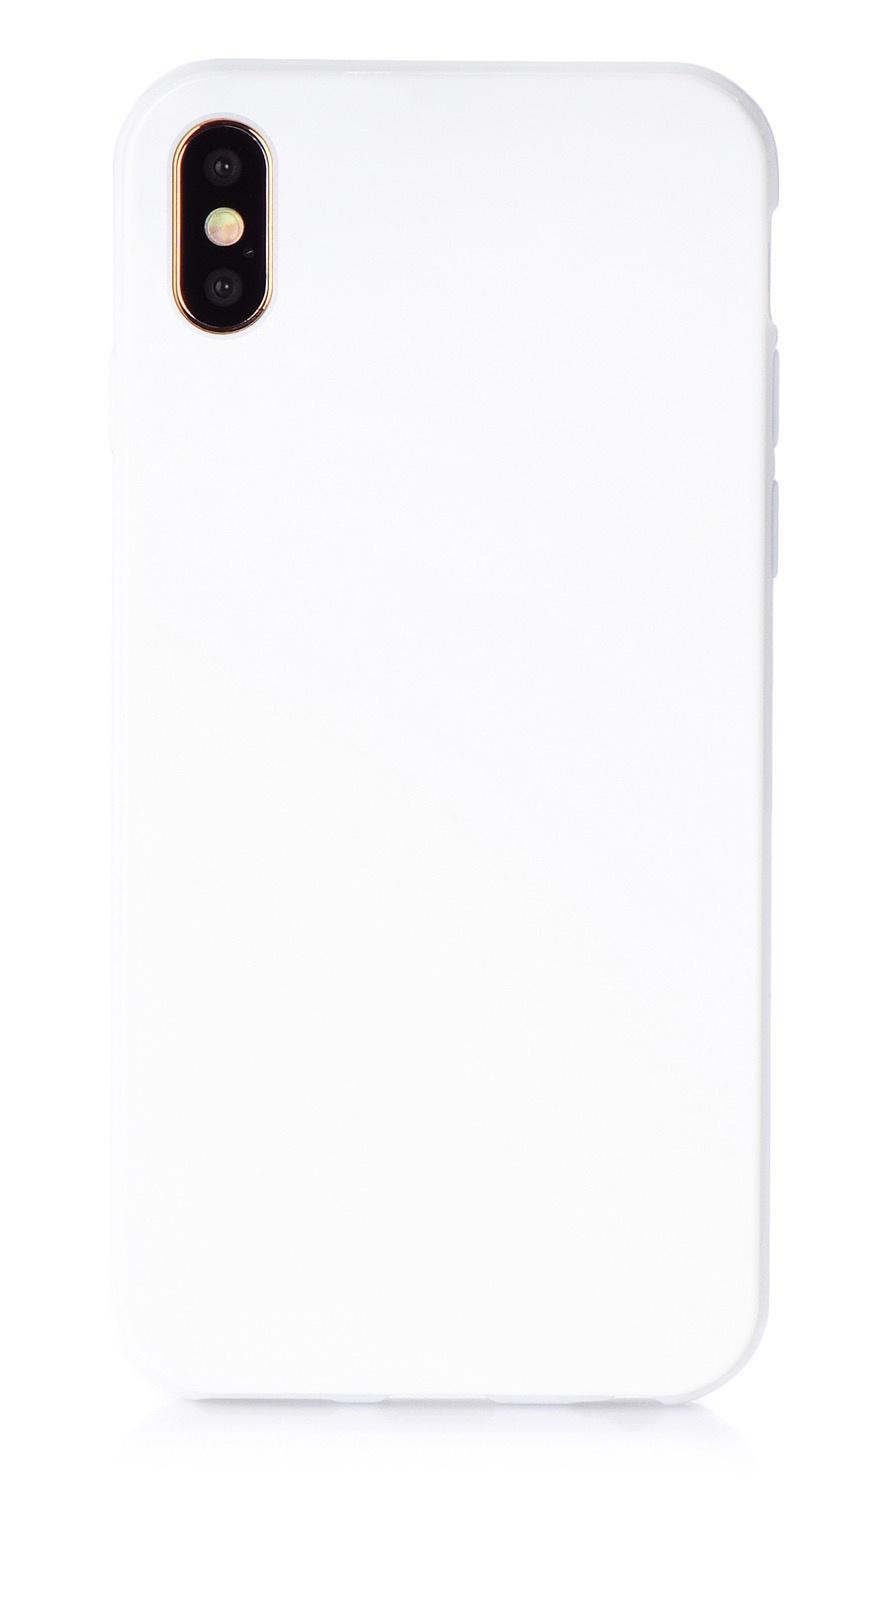 """Чехол для сотового телефона iNeez накладка силикон мыльница 907272 для Apple Iphone XS Max 6.5"""", белый"""